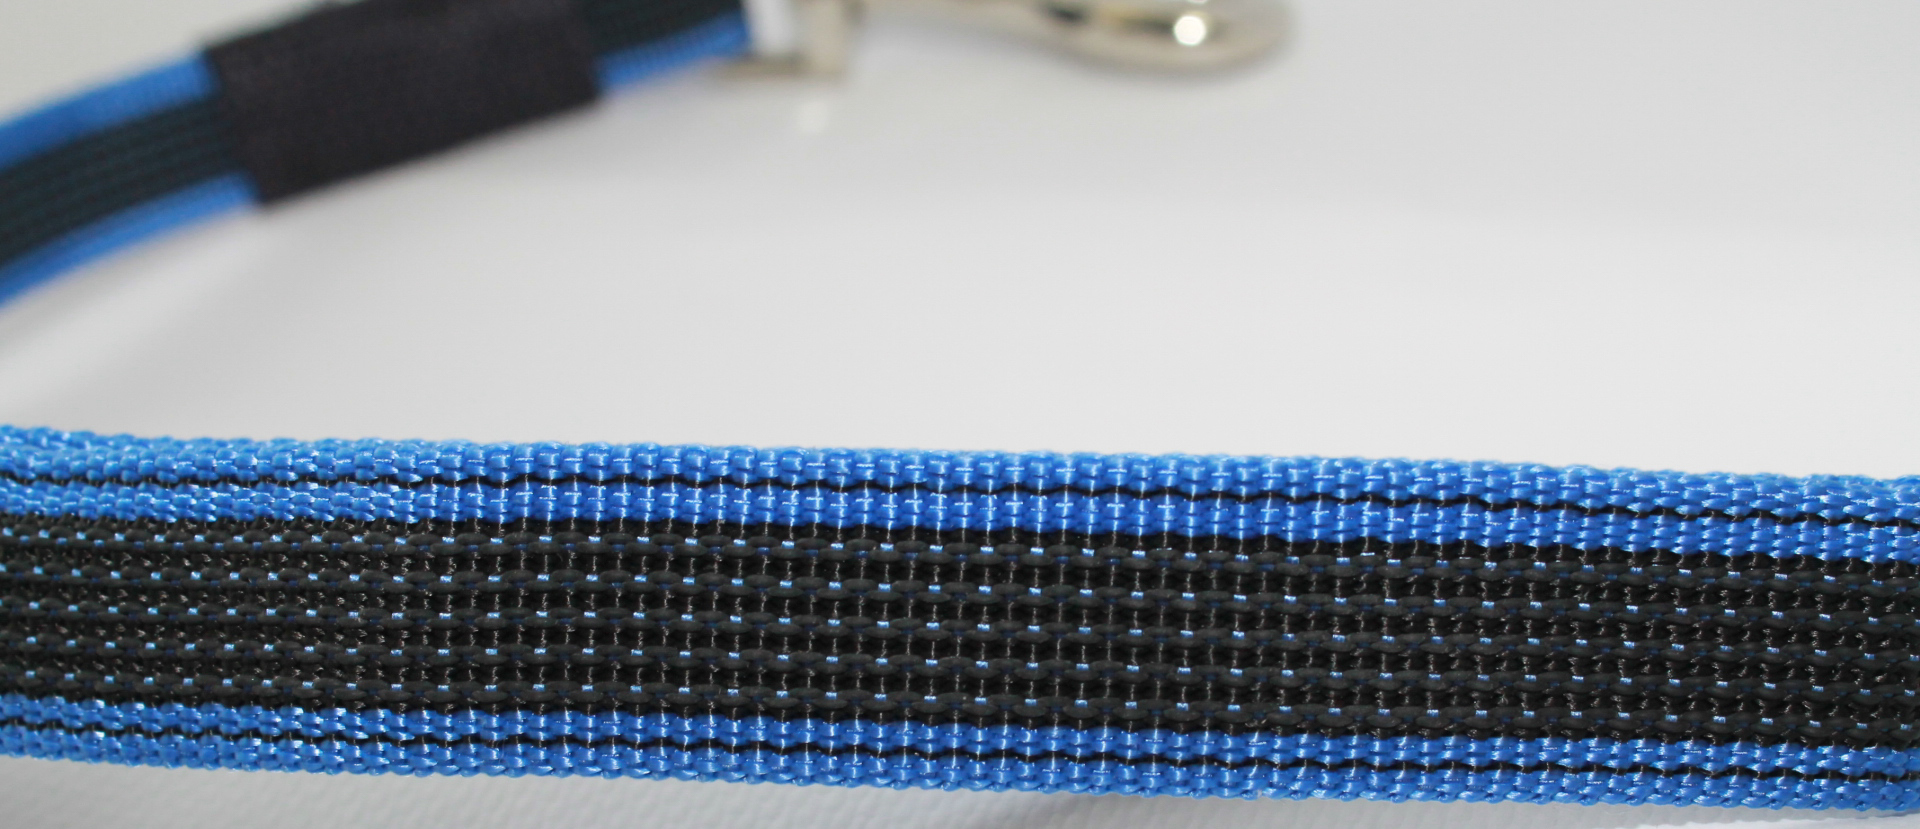 Поводок-водилка для собак Happy Friends, нескользящий, цвет: синий, ширина 2 см, длина 0,40 м поводок для собак happy house luxury цвет темно коричневый длина 125 см